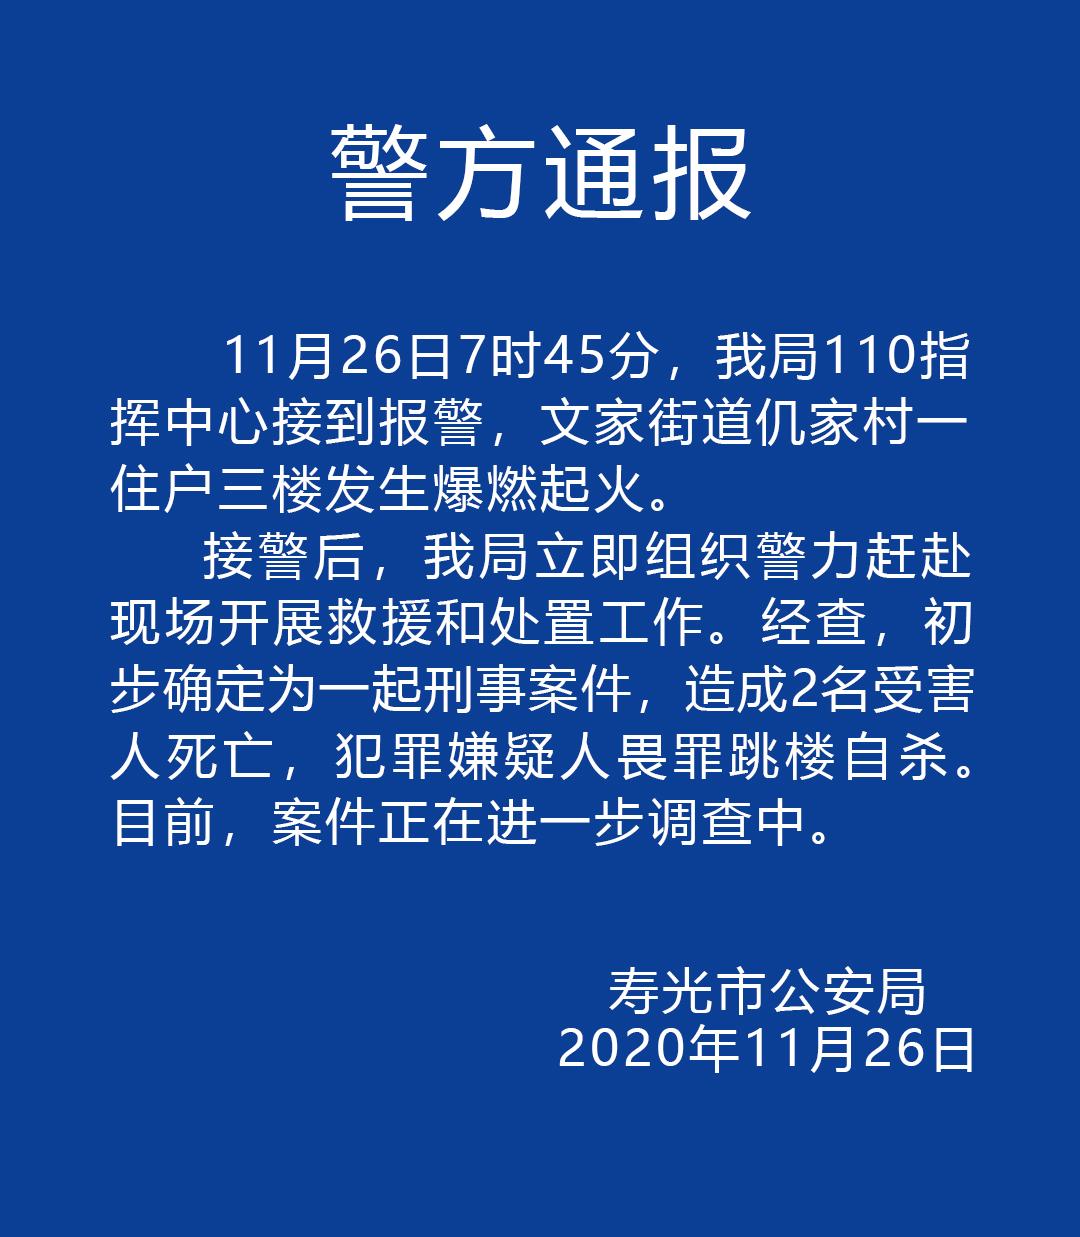 静宁县人民政府网_合肥801路公交车_最新开奖结果培训学院